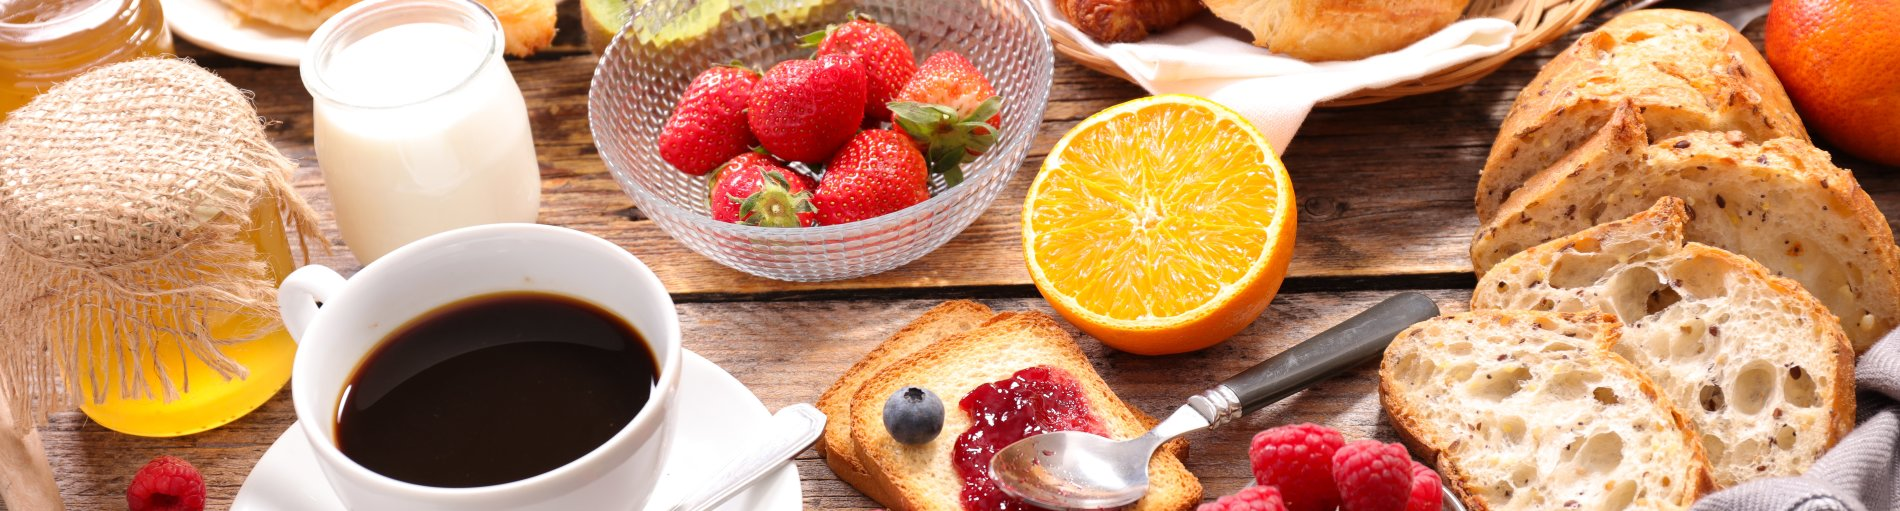 Frühstück Und Brunch Adressen In Bremen